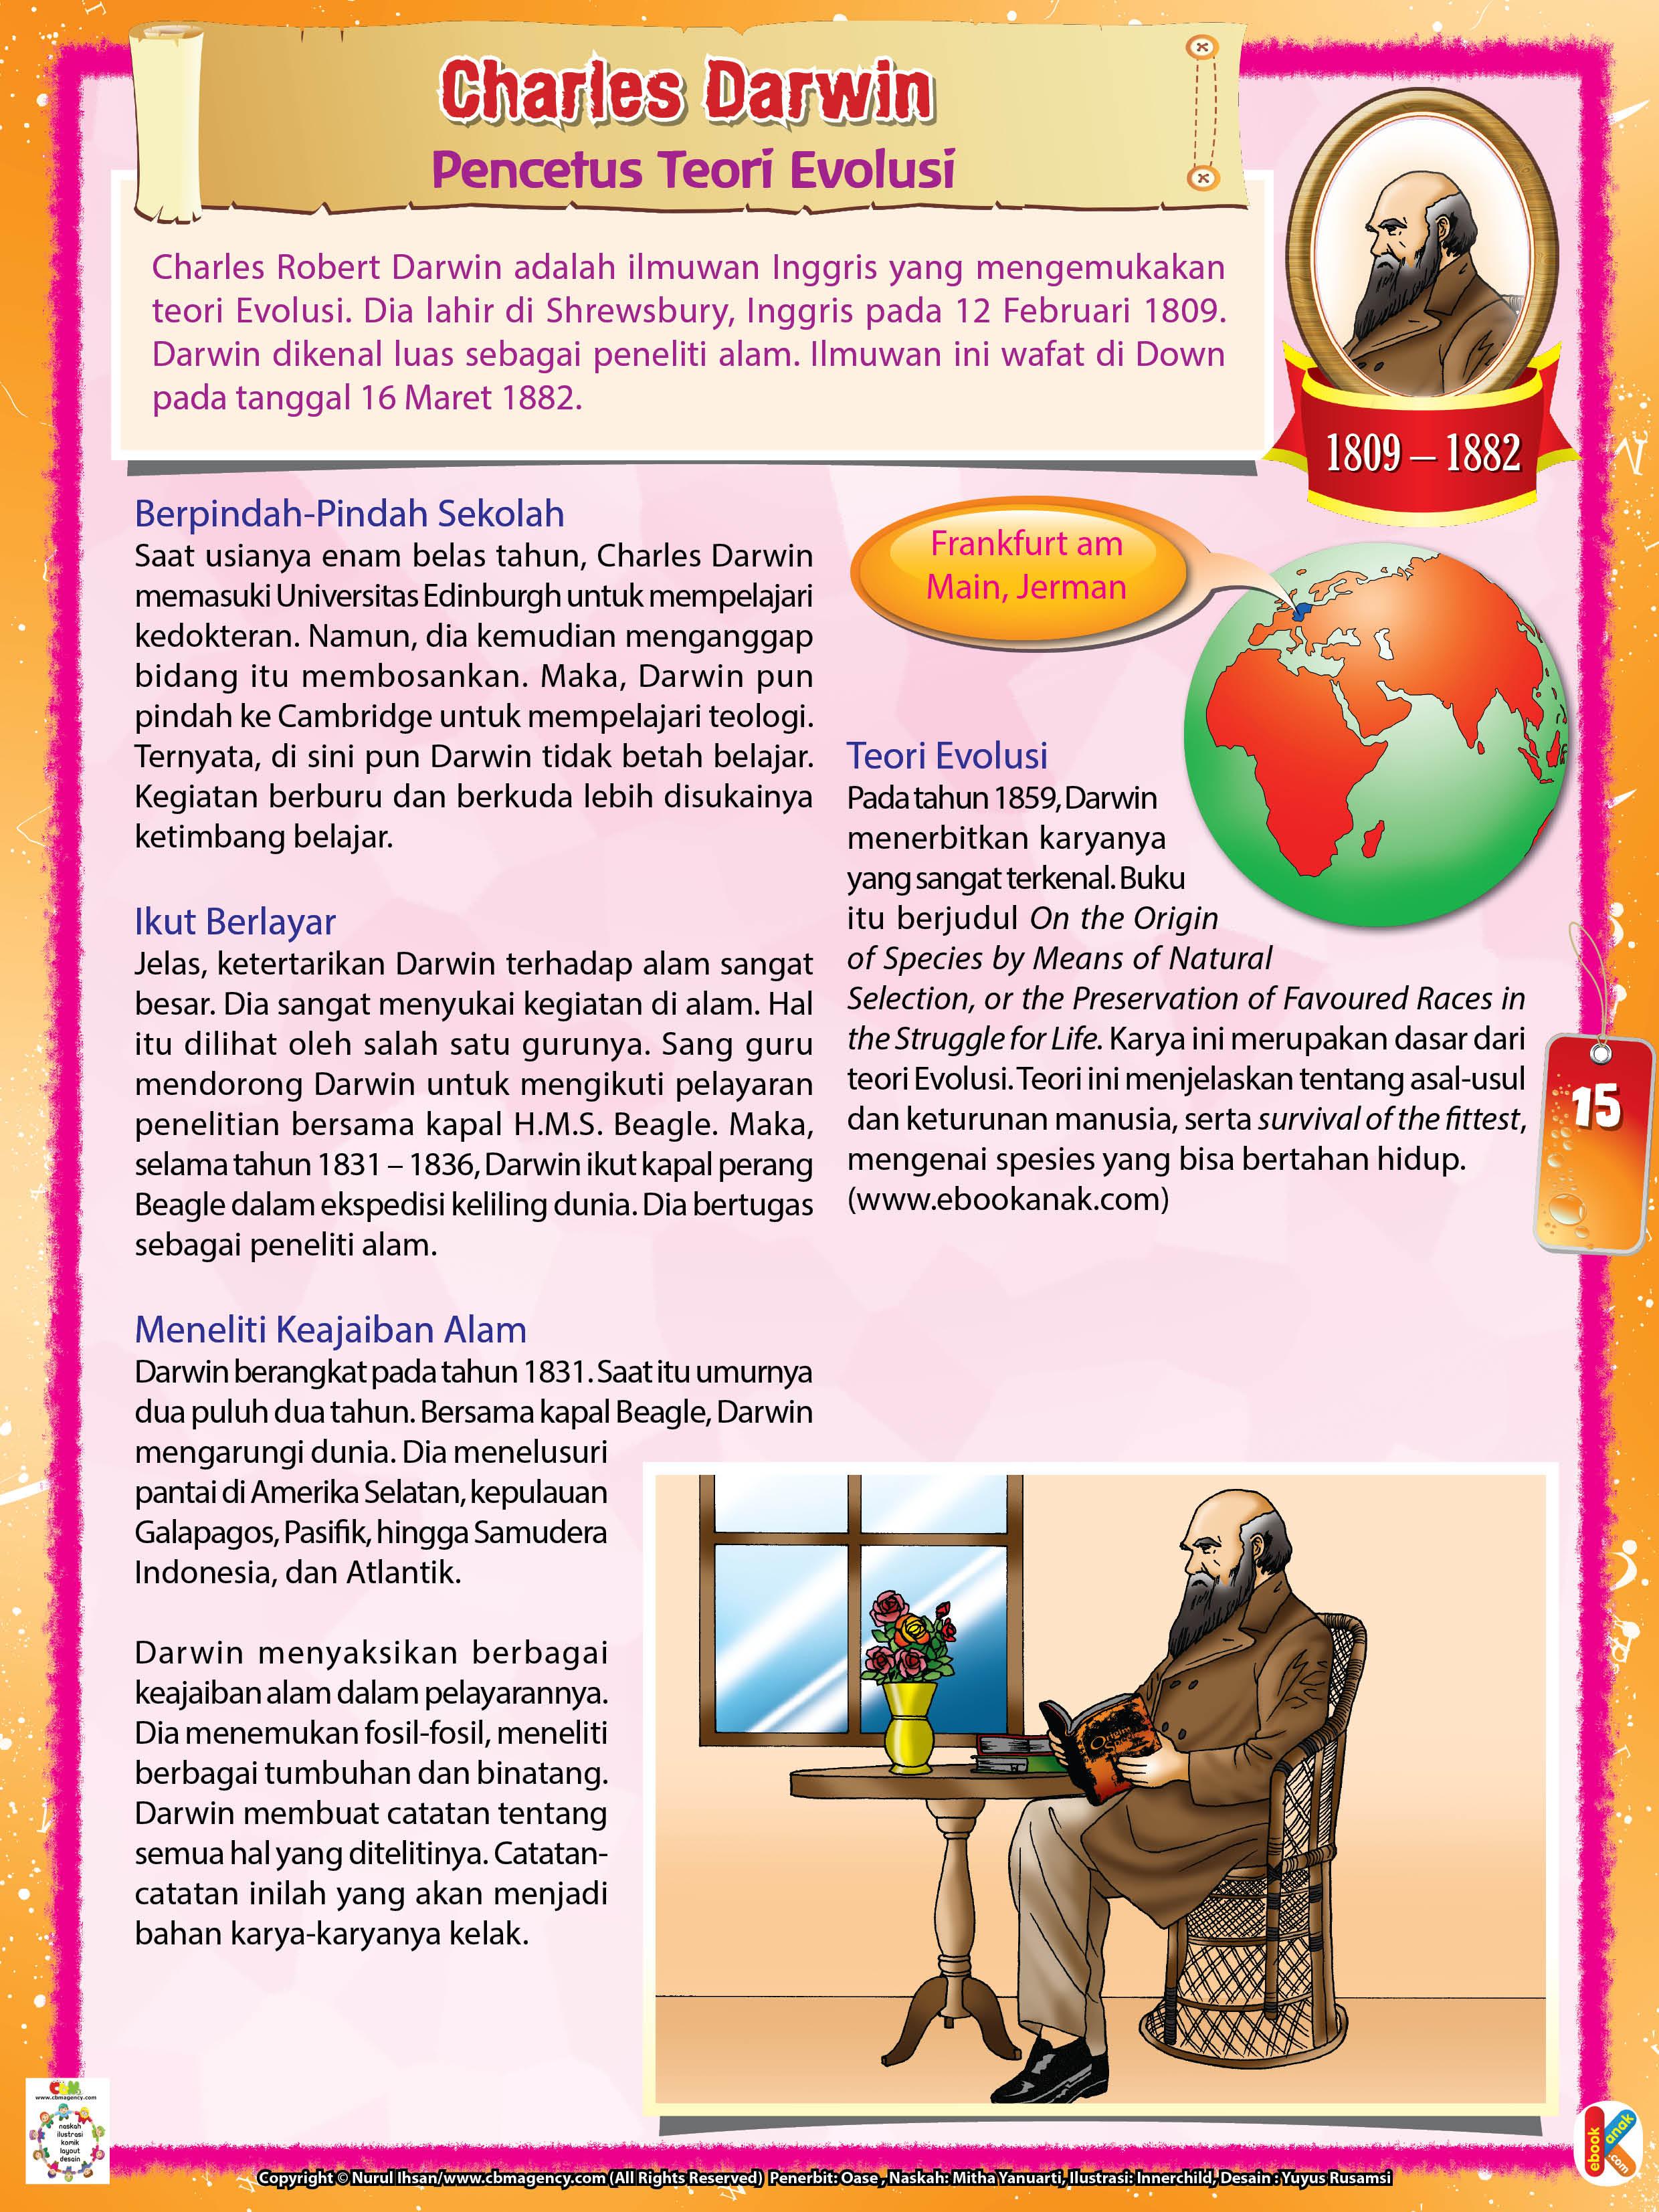 Darwin dikenal luas sebagai peneliti alam.